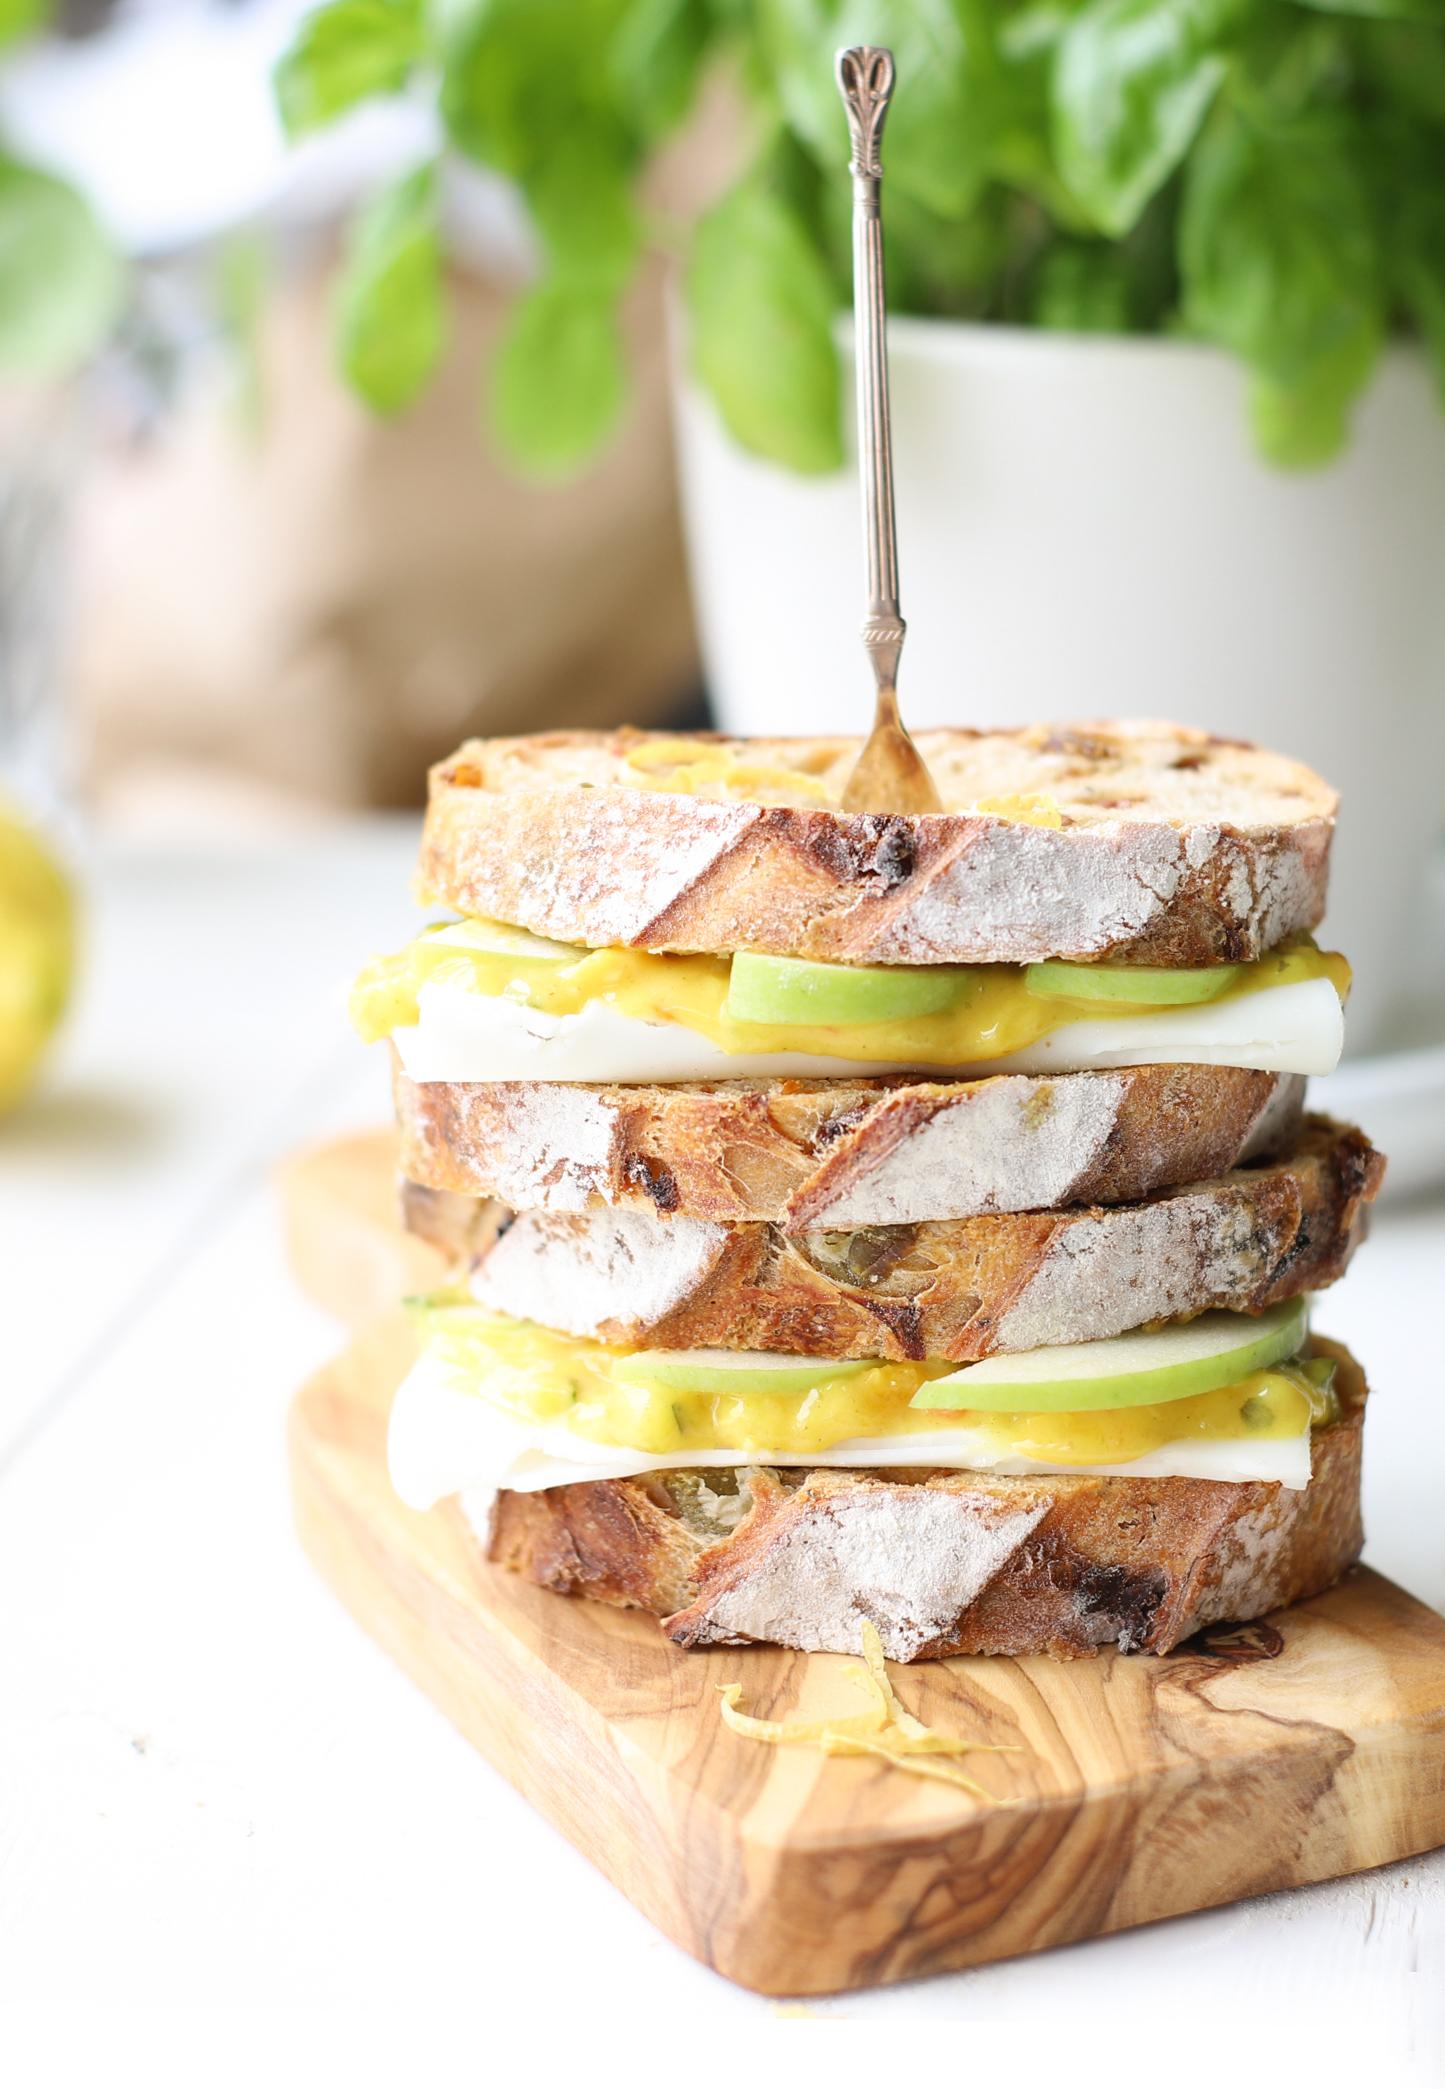 Lunchtijd, wat kan ik daar elke dag weer blij van worden. Vaak heb je dan al een paar uur gewerkt en hteb je weer energie nodig. Als ik brood eet, eet ik het liefste notenbrood of zuurdesem. Dit heeft tenminste smaak en sterructuur! DezeGeitenkaas sandwiches met appel & piccalillyheb ik gemaakt met vers notenbrood. Wist je dat je piccalilly heel makkelijk zelf maakt? Ik heb laatst er een met extra gember gemaakt en binnenkort vertel ik je graag hoe je dit precies maakt! Geitenkaas sandwiches met appel & piccalilly Bereidingstijd: 15 minuten voor 2 personen Ingrediënten 1 groene appel 4 eetlepels piccalilly *Kesbeke bijvoorbeeld notenbrood *bij de bakker of sommige supermarkten zachte geitenkaas *Président Rondélé is mijn favoriet 1 biologische citroen kruidenzout Benodigdheden Handrasp Broodrooster of oven Bereidingswijze geitenkaas sandwiches met appel & piccalilly Als eerste ga je de groene appel in dunne plakjes snijden, verdeel hier vervolgens wat verse citroensap overheen zodat ze lekker vers, knapperig en fris blijven. Vervolgens rooster je het notenbrood even in de oven of een broodrooster en zorg ervoor dat ze lekker krokant worden. Laat ze even afkoelen en smeer ze daarna ruim in met de zachte geitenkaas, vervolgens de dunne groene schijfjes appel en daarna piccalilly naar smaak. Vergeet niet wat kruidenzout, verse kruiden zoals tuinkers of basilicum toe te voegen en eventueel wat zwarte peper kan lekker zijn. Als laatste rasp je nog wat citroenzest eroverheen en je Avocado sandwiches met geitenkaas, appel & piccalilly zijn klaar! Tip: wist je dat deze combinatie ook lekker kan zijn op een toastje als je bijvoorbeeld een verjaardag hebt of een feestje geeft? Volgen jullie The Lemon Kitchen al op Facebook, Instagram & Pinterest? Ben jij net zoals ik gek op sandwiches met geitenkaas? Maak dan eens hemelse Lemoncurd sandwiches met geitenkaas & avocado of zuurdesembrood met zachte geitenkaas met een frisse mango salade!